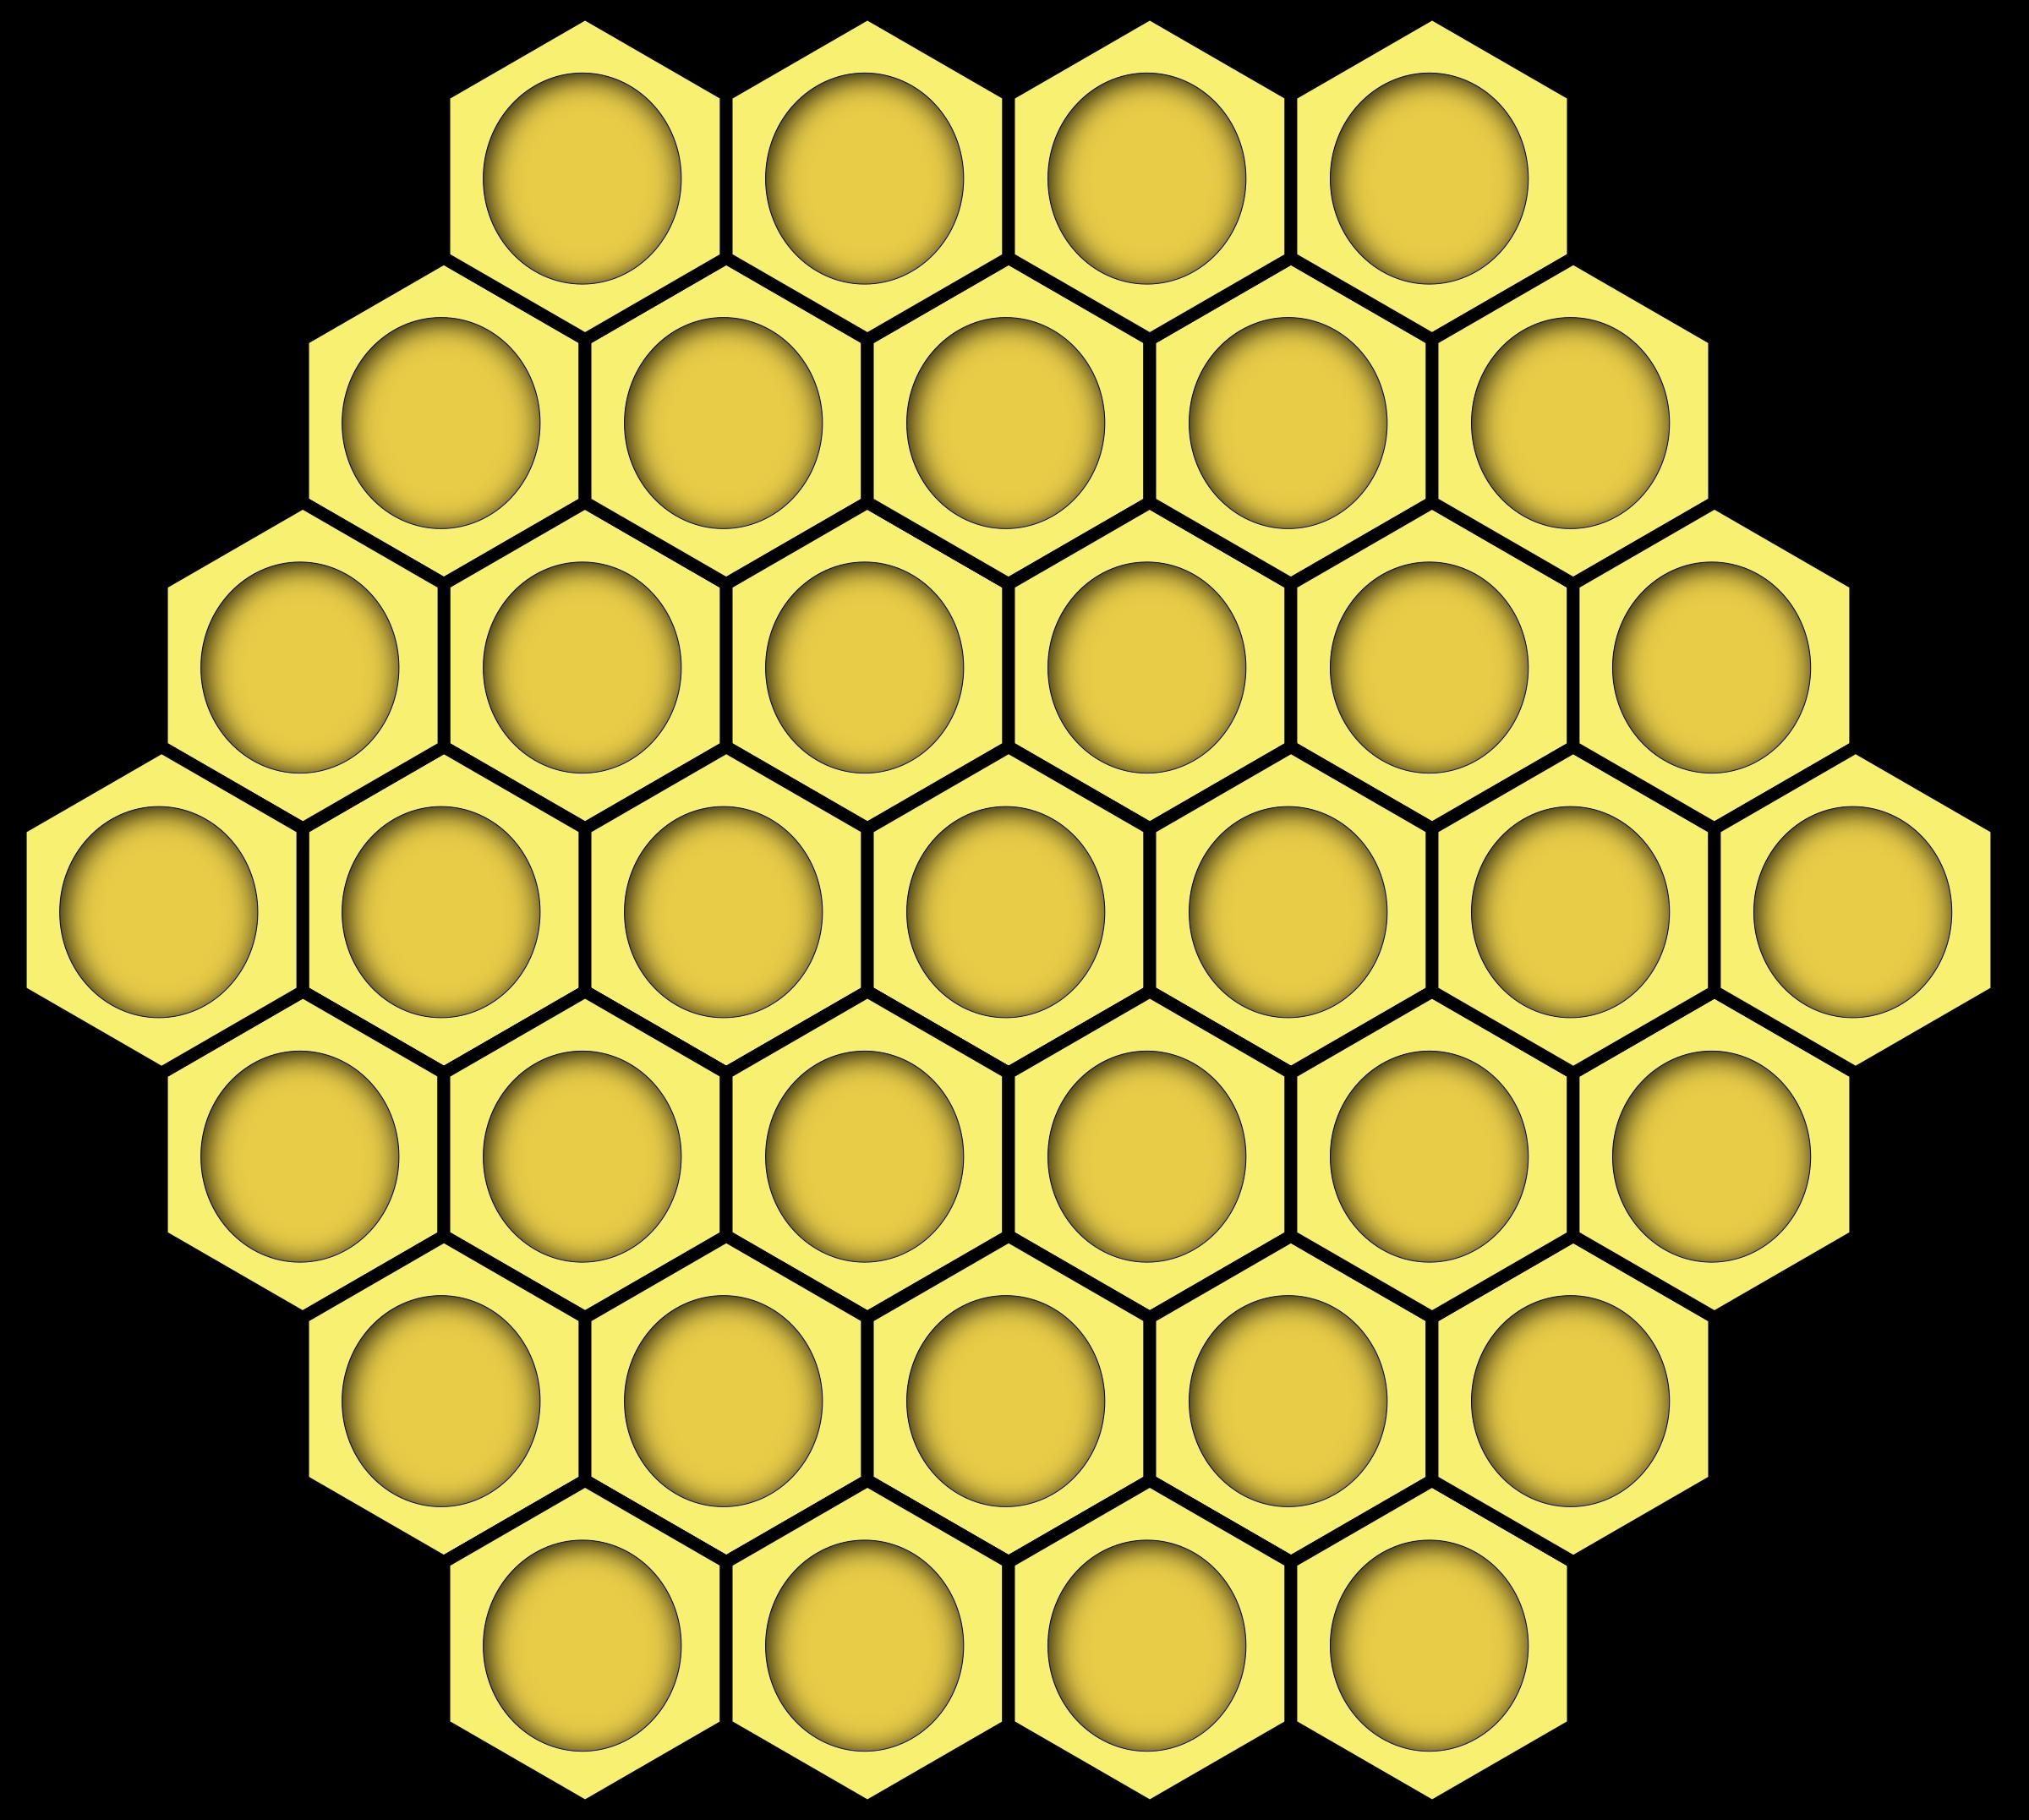 Big image png. Honeycomb clipart svg